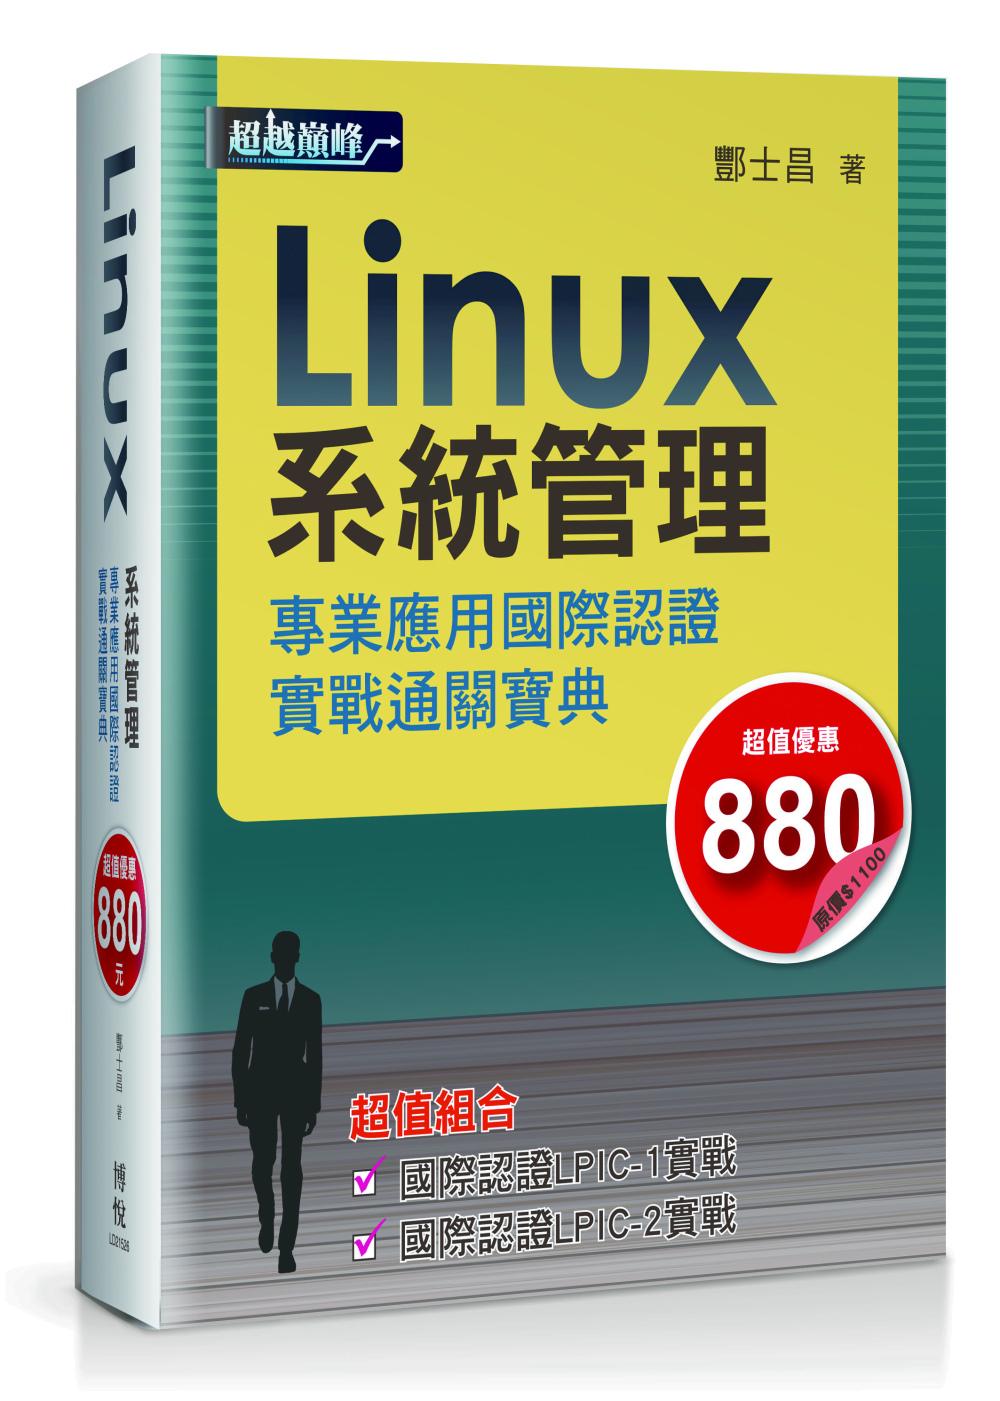 Linux系統管理專業應用國際認證實戰通關寶典